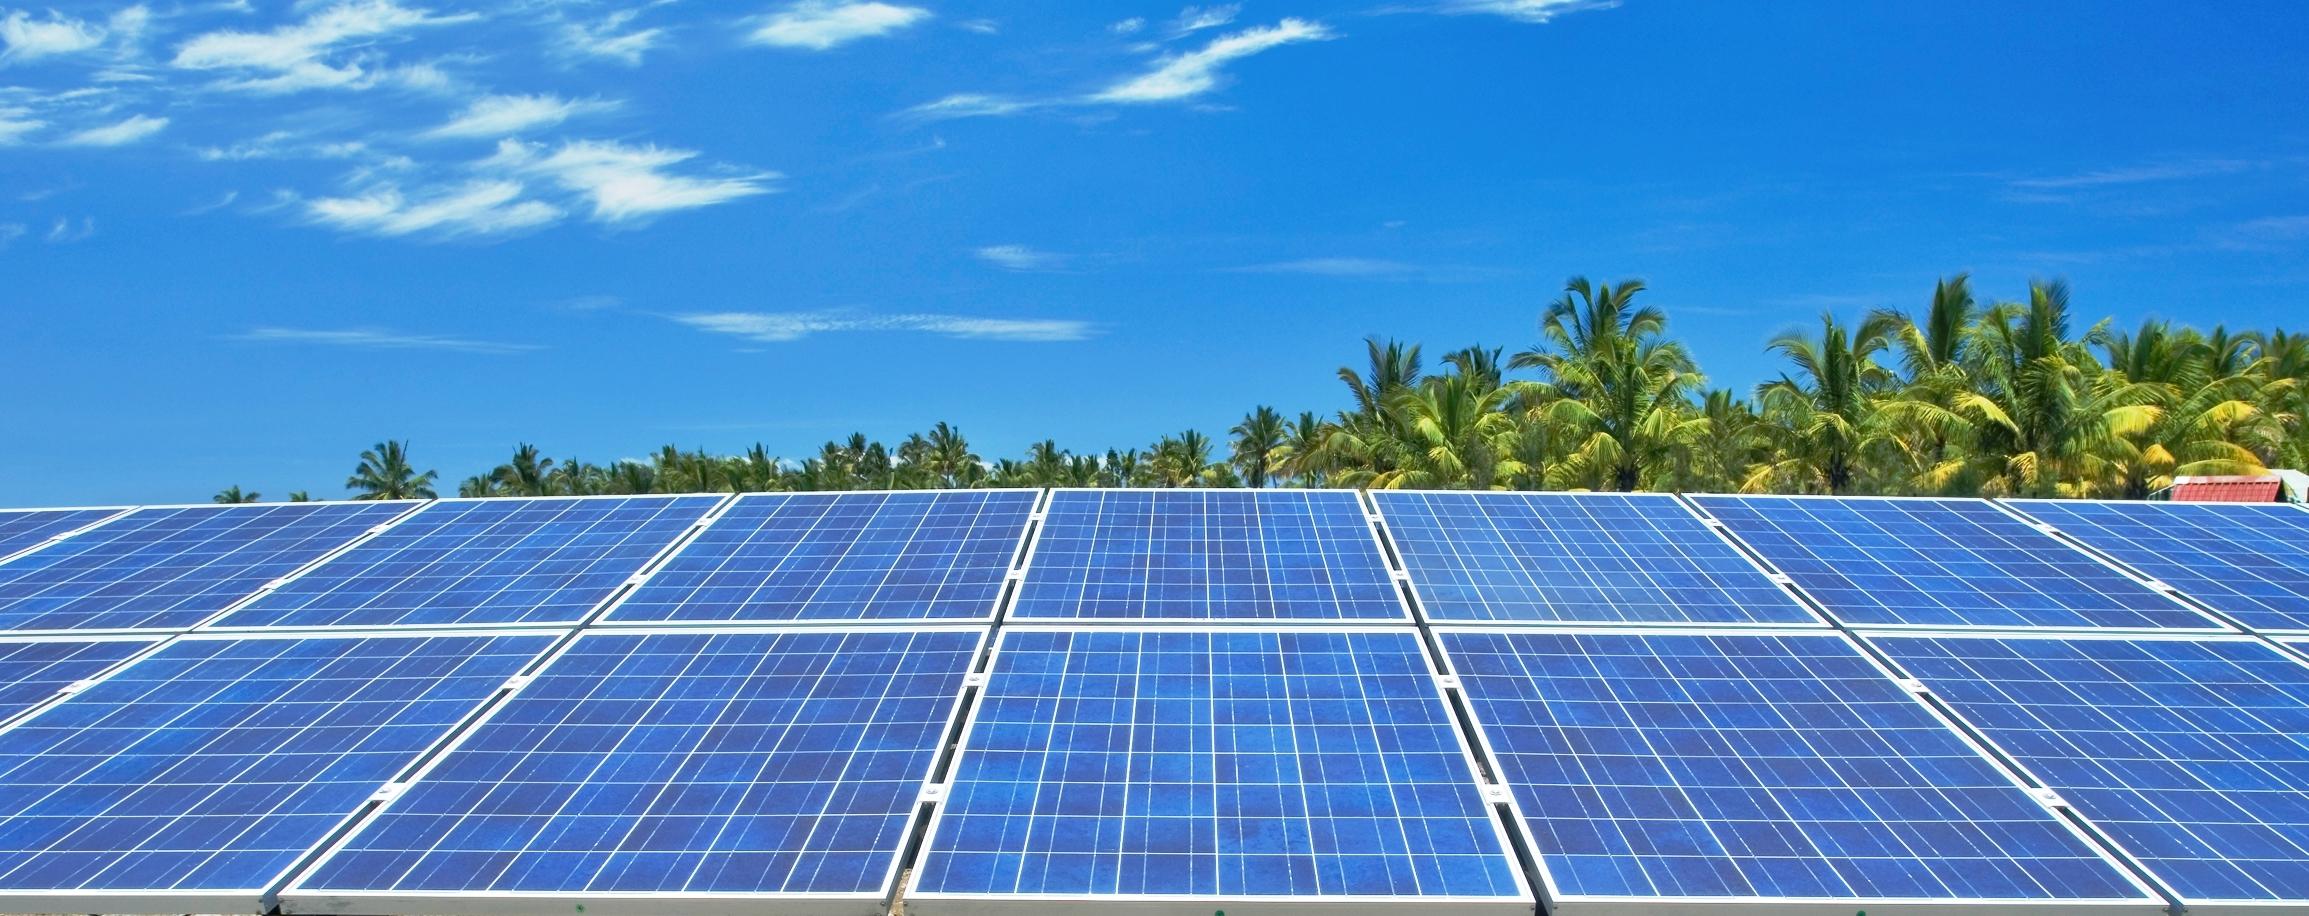 Pourquoi les panneaux solaires de forte puissance ont disparu [Enquête]